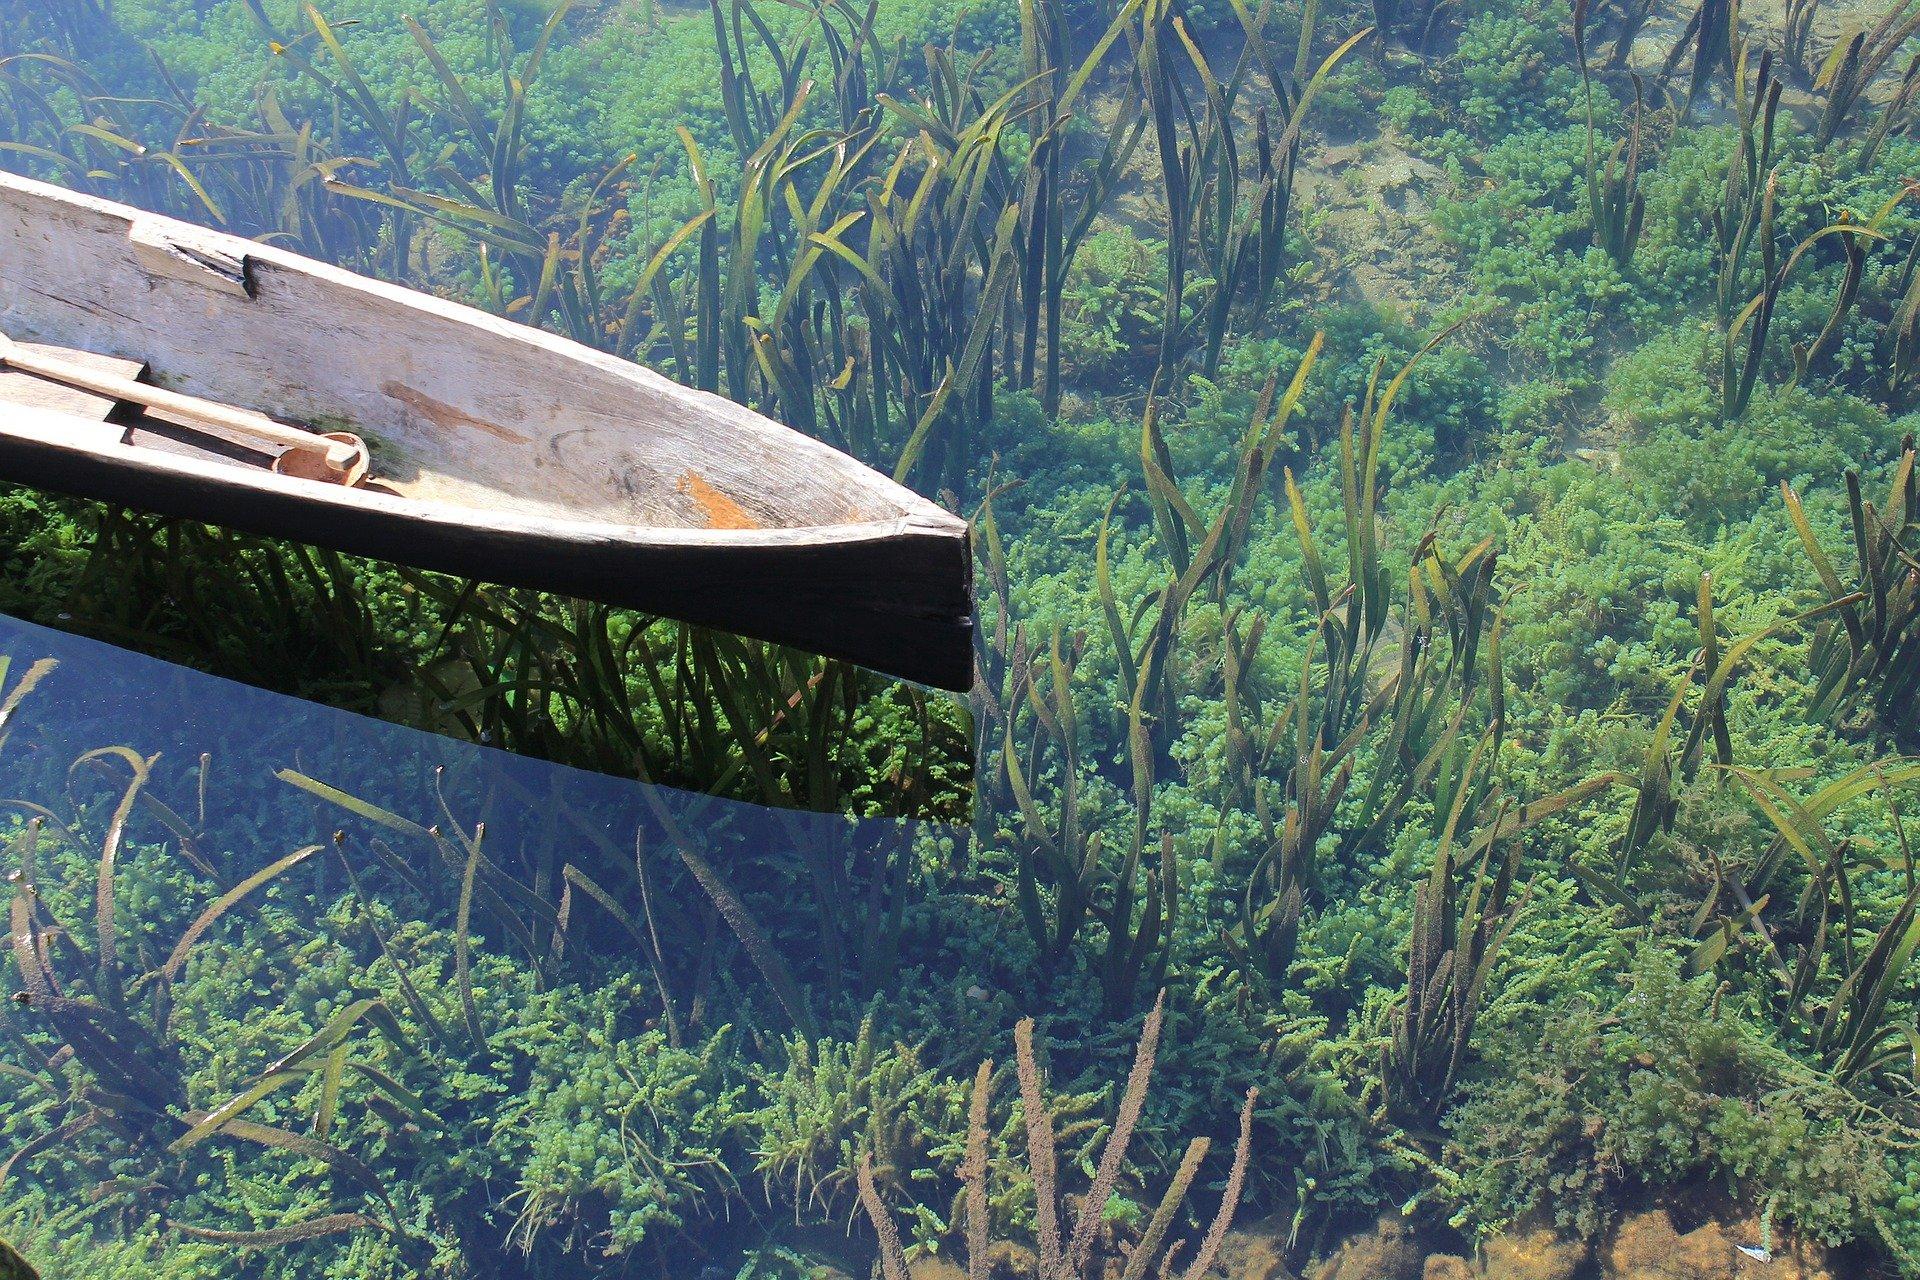 Ein Kanu auf einem klaren See.